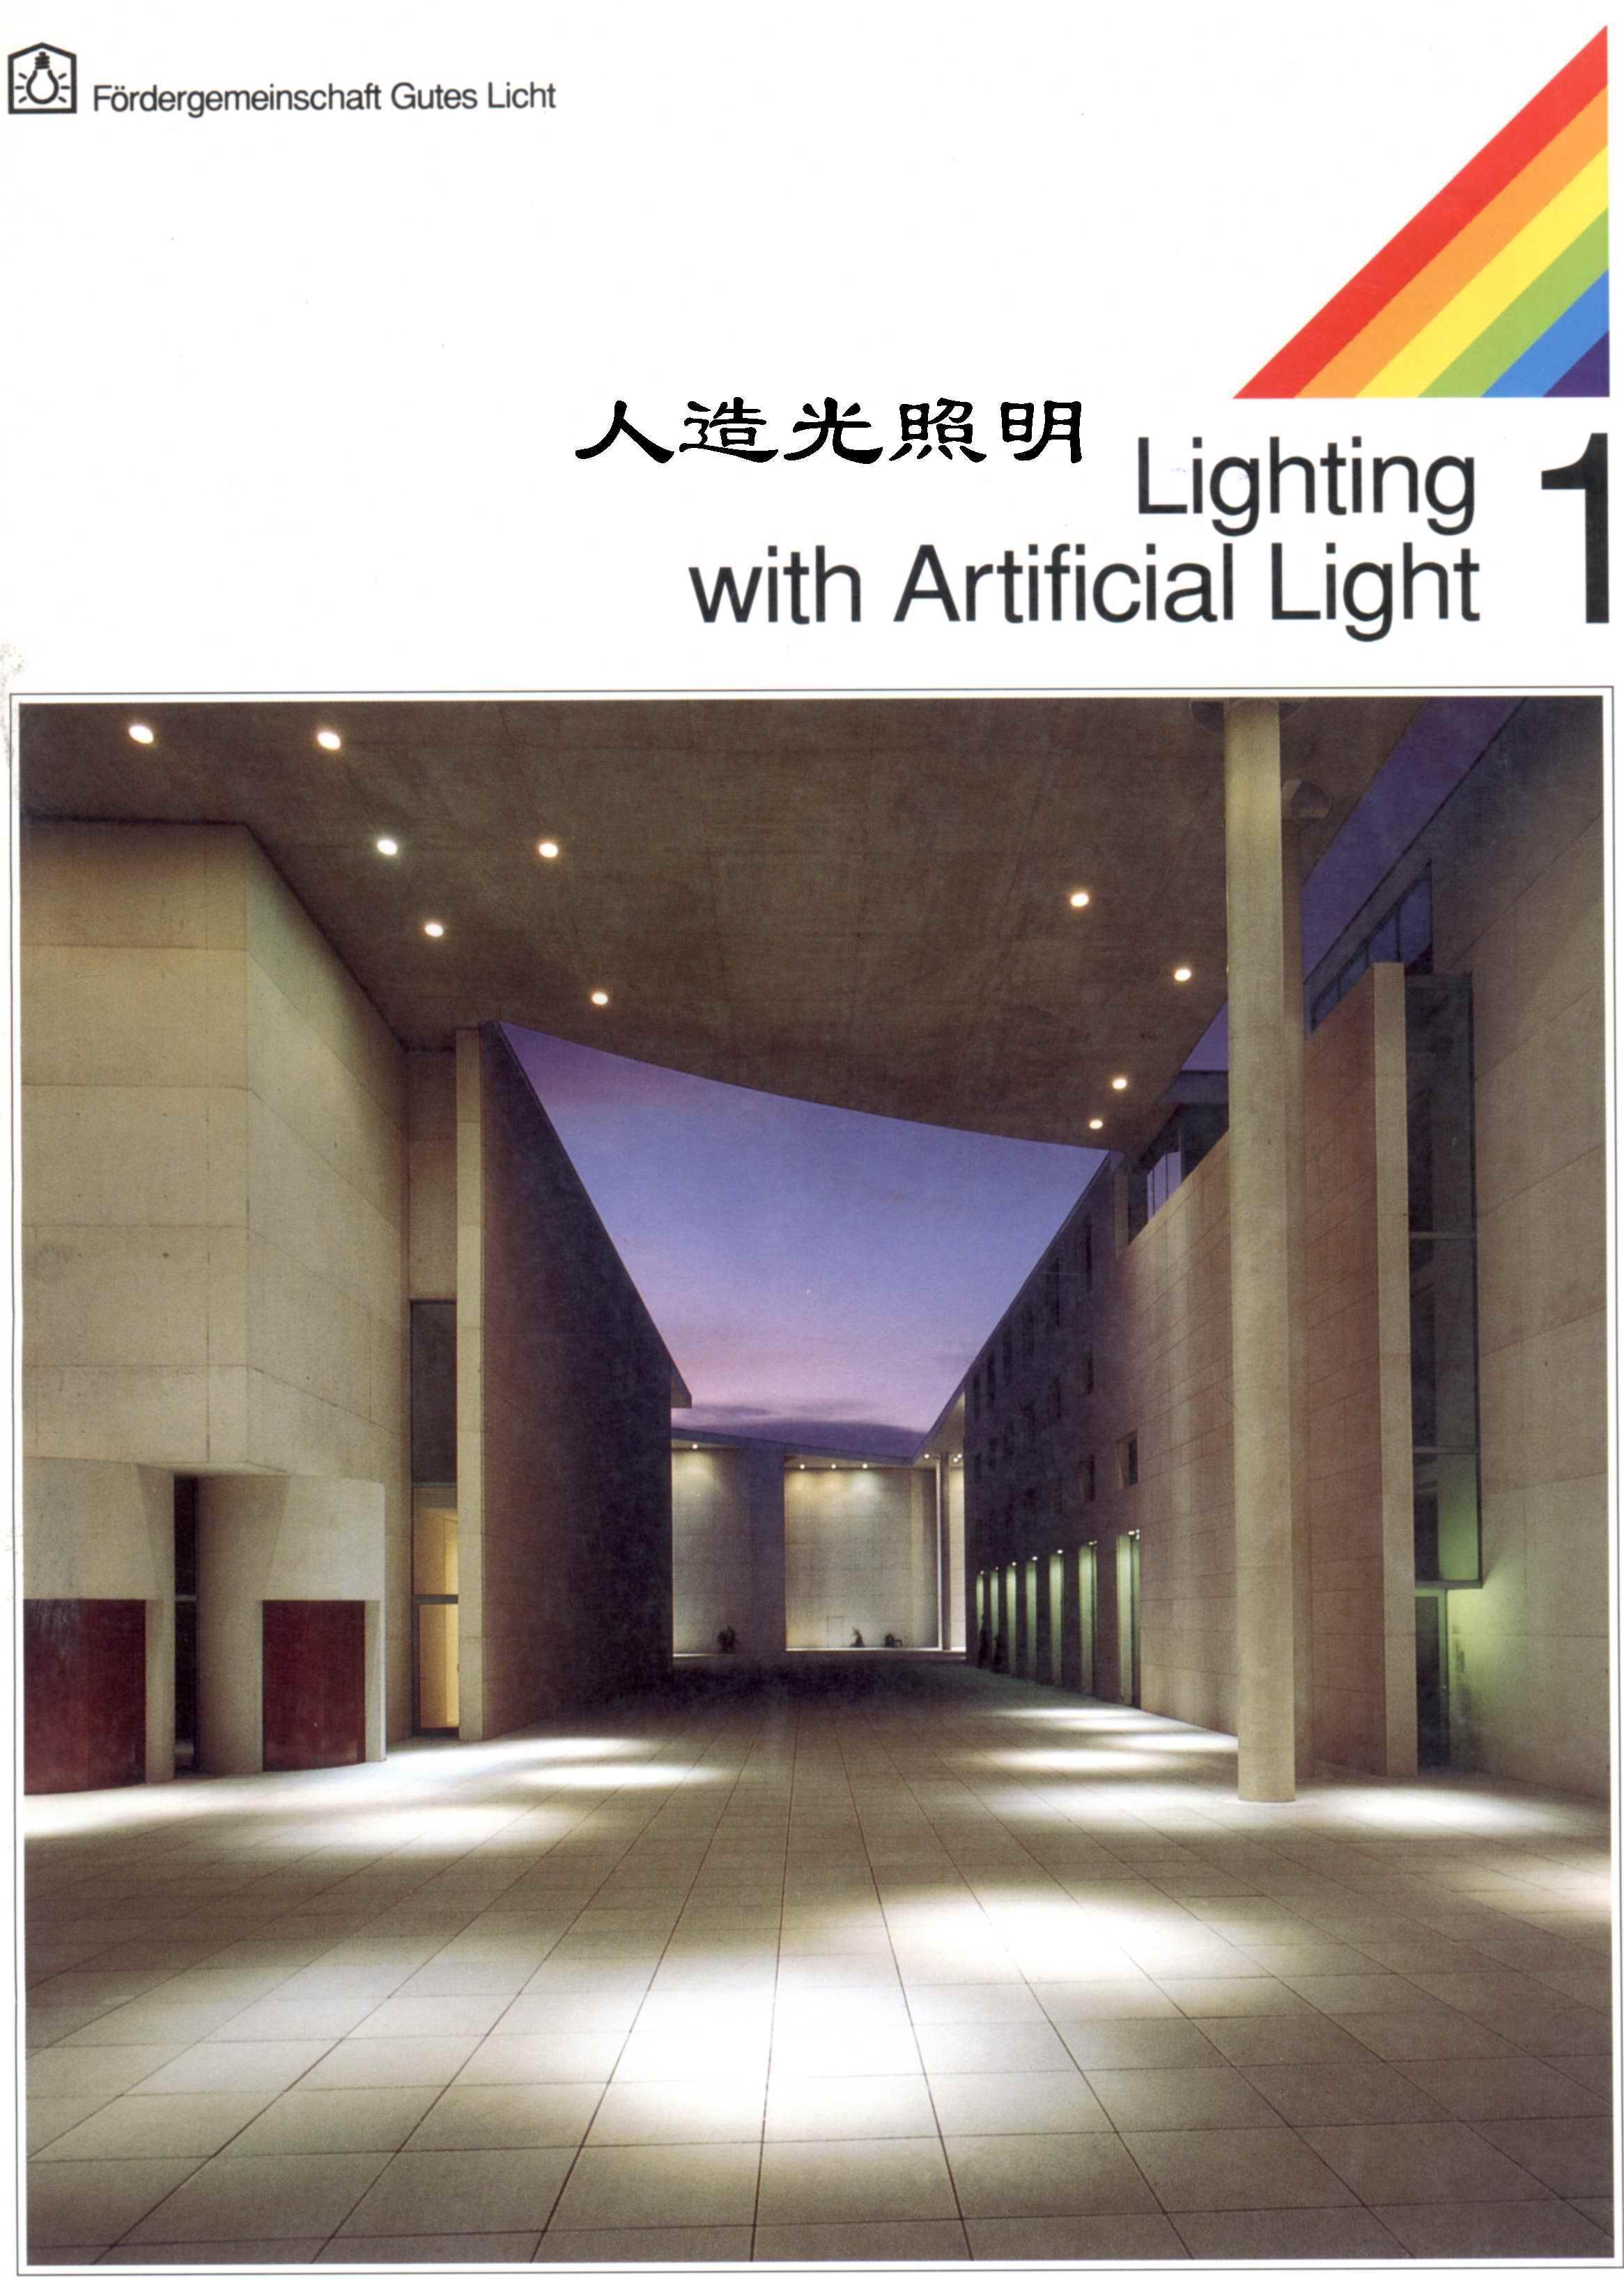 照明设计教程:人造光照明专业教程--(中英文对照版) (多图附:下载) - R站|学习使我快乐! - 2